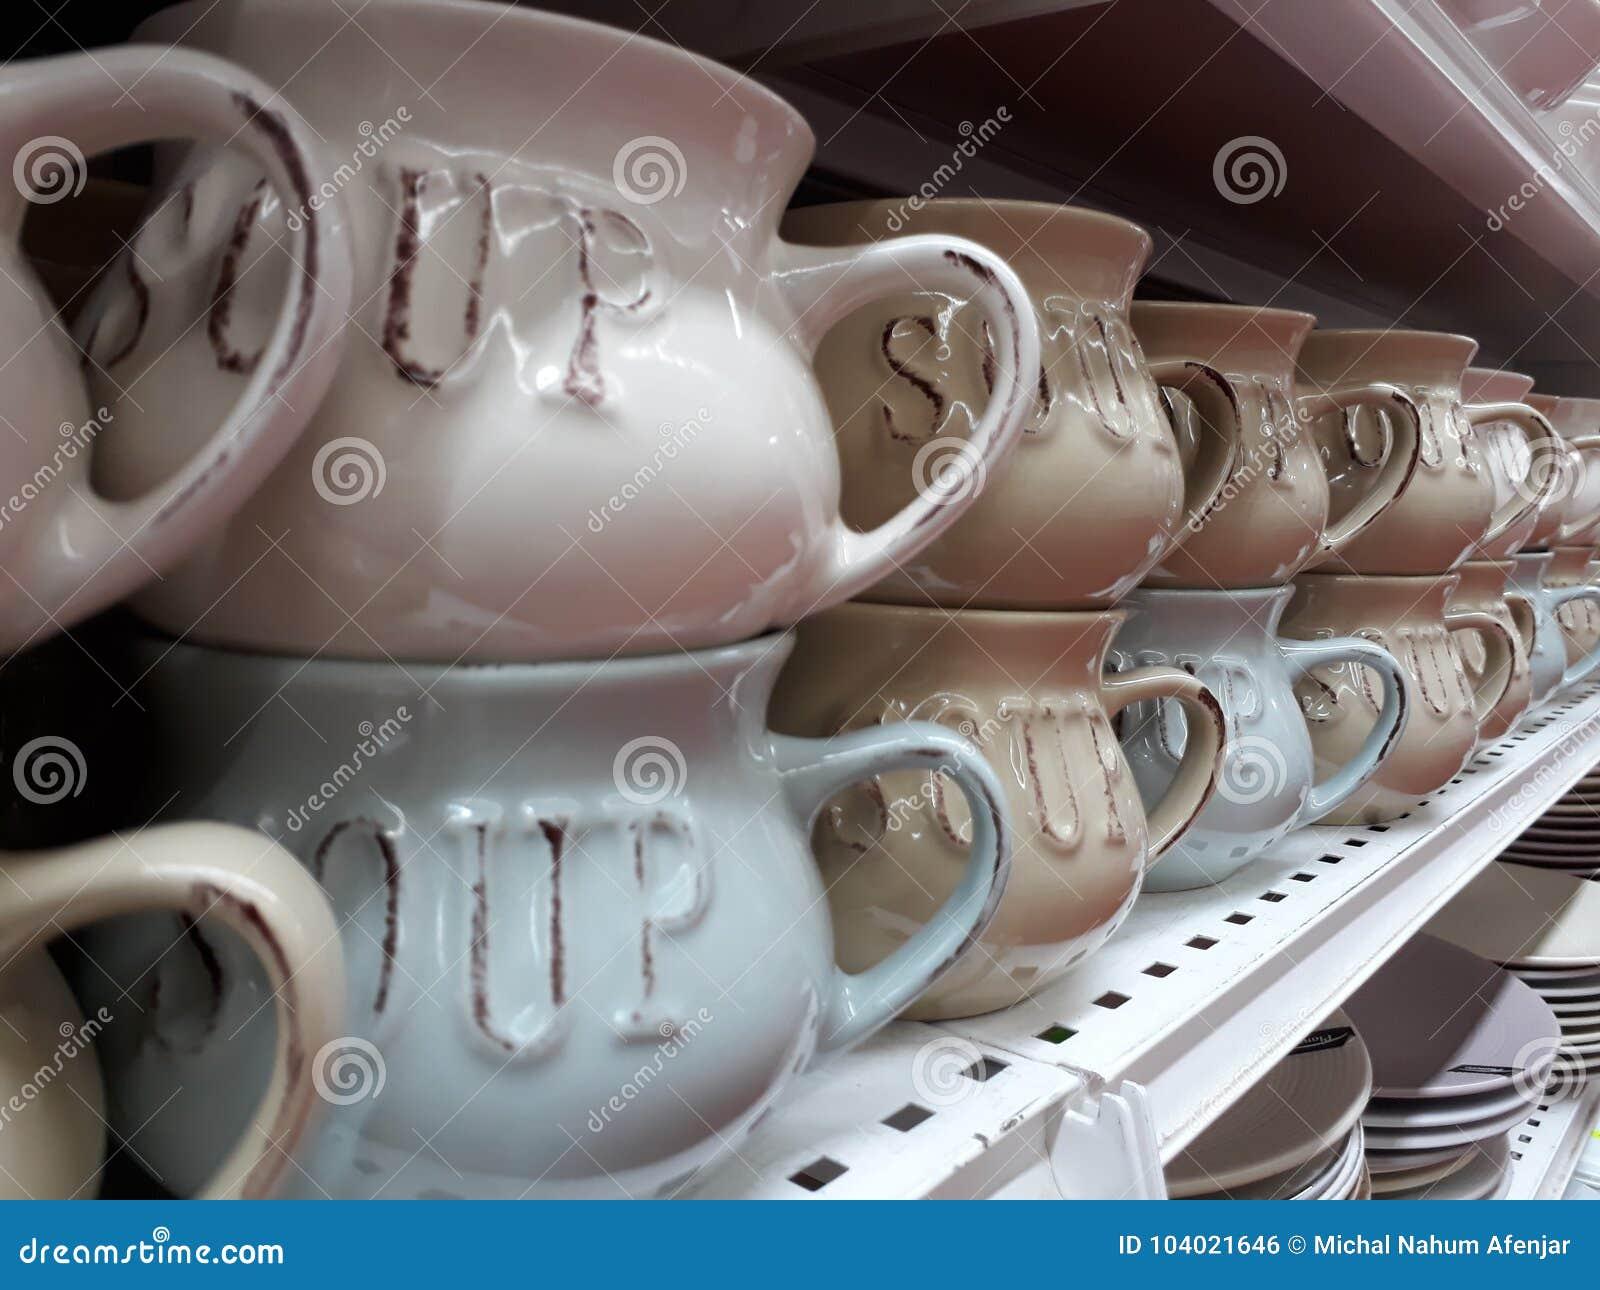 Κύπελλα σούπας σε έναν σωρό σε ένα ράφι στο κατάστημα